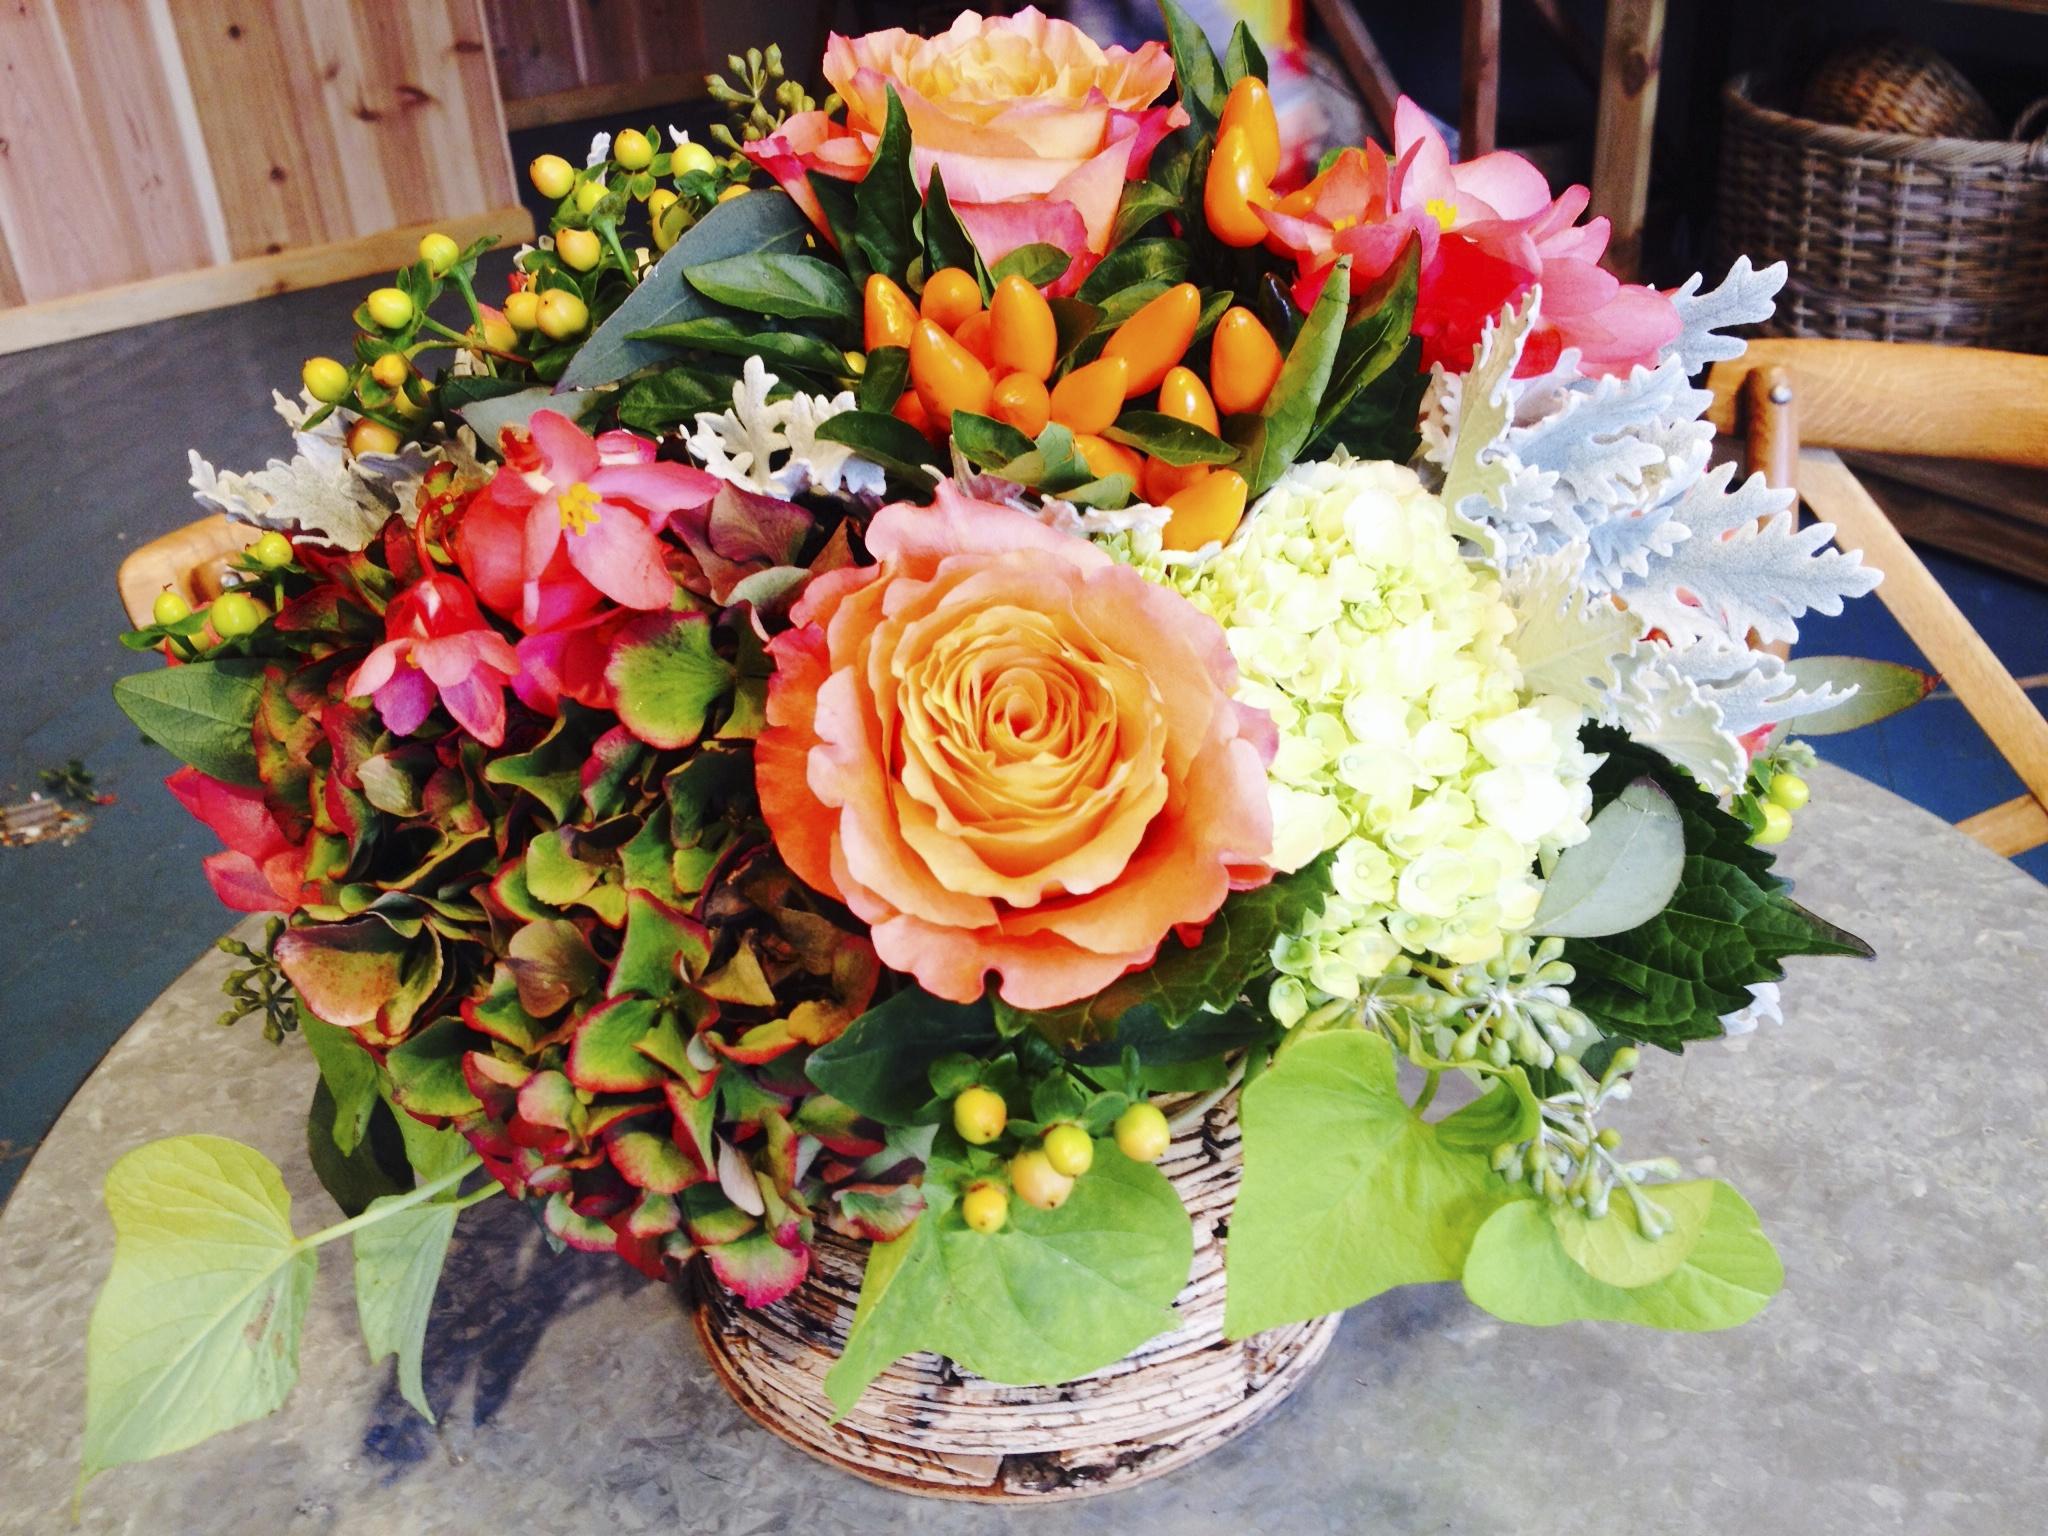 Fall Flower Power 10 Top Thanksgiving Arrangement Ideas